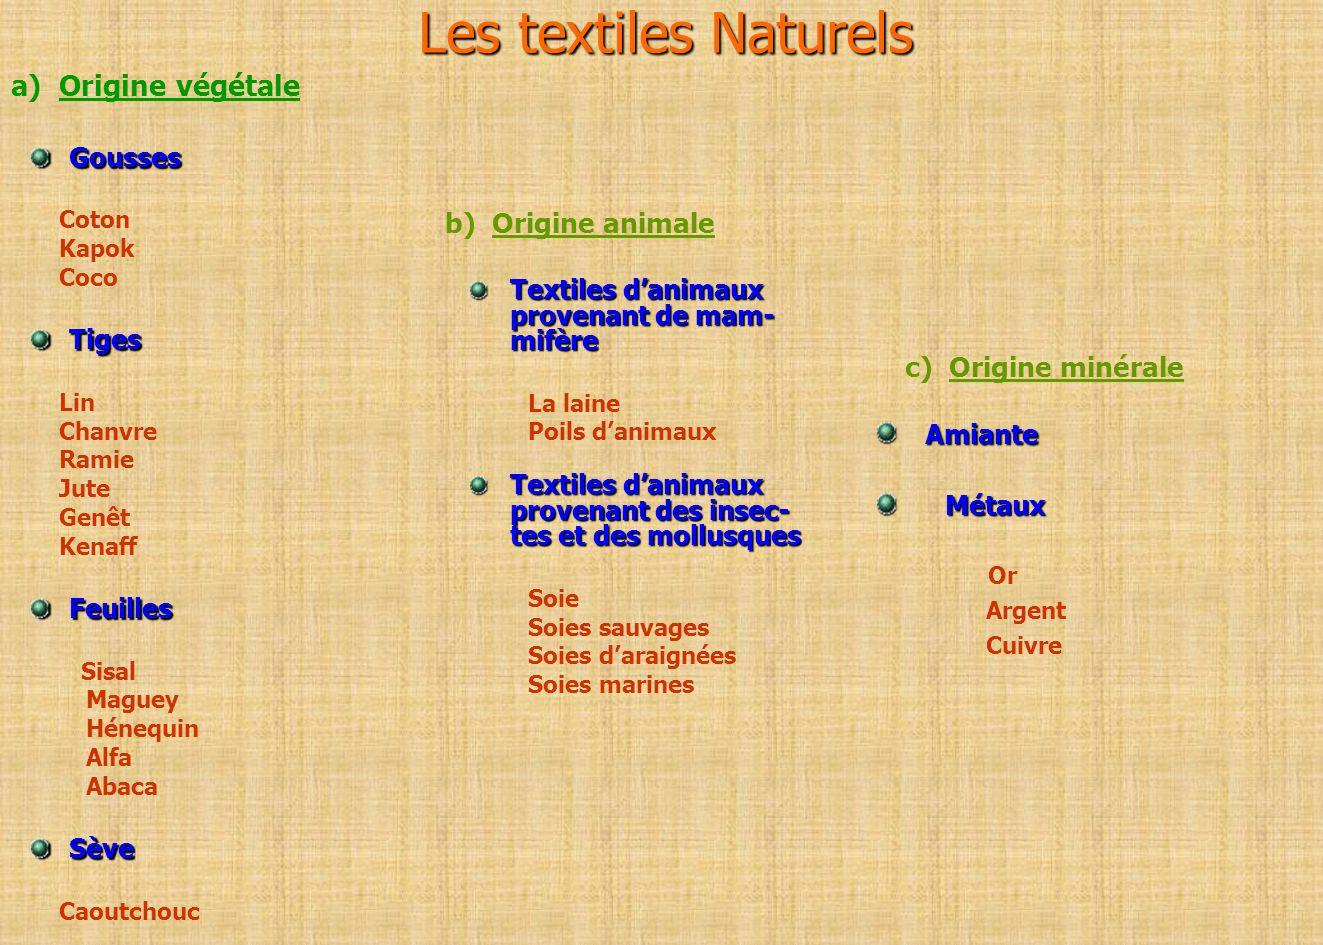 Alpaga : Cest un animal domestique vivant en Amérique du Sud.